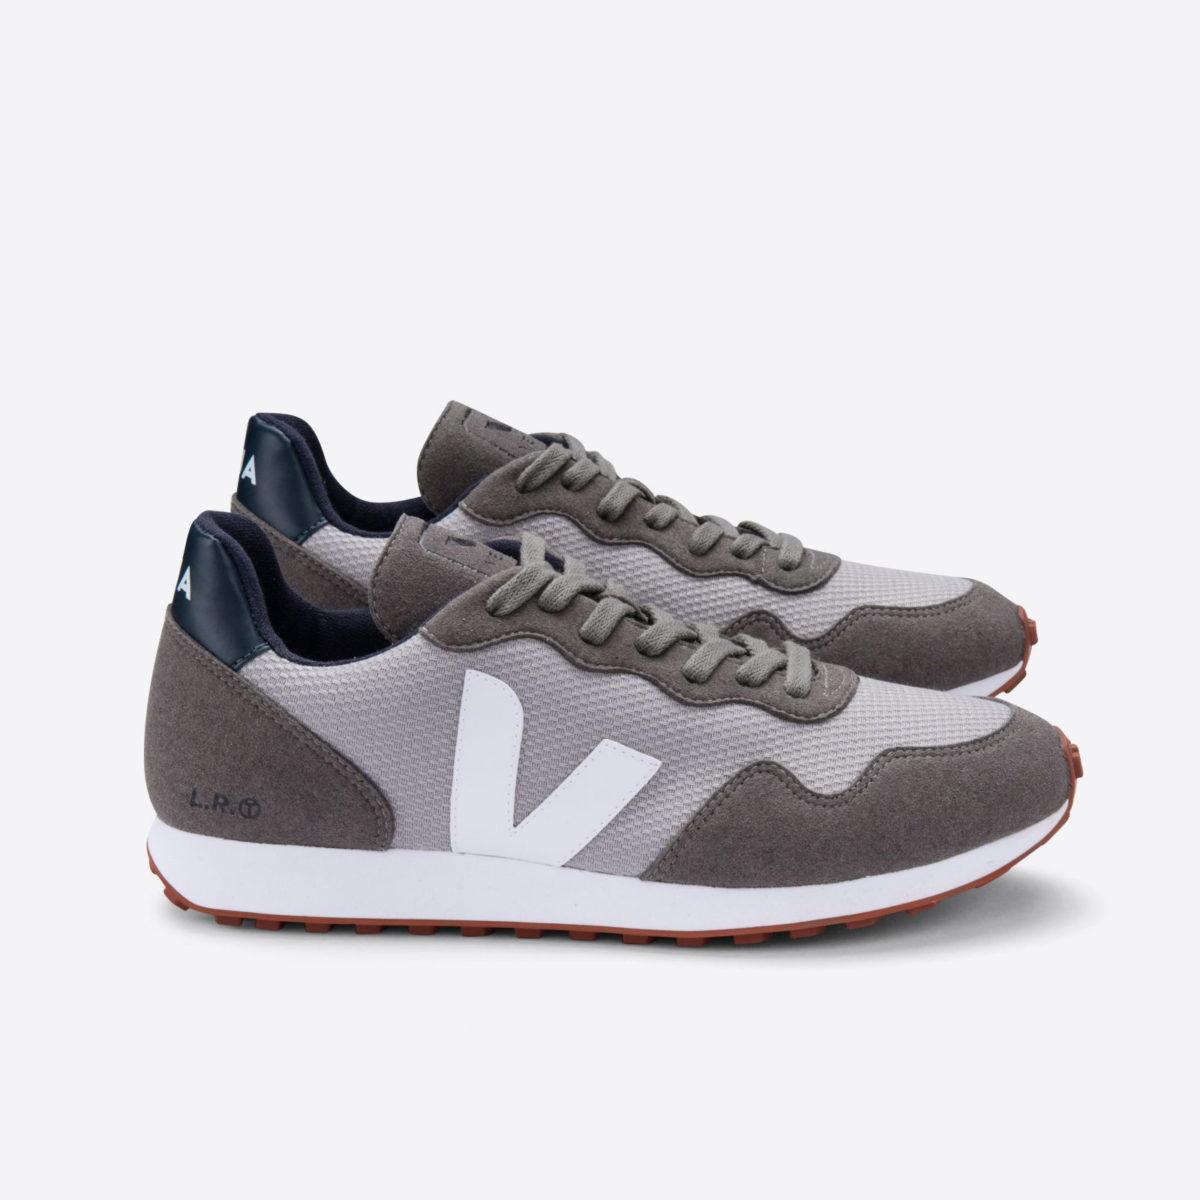 Vegansk sneaker från Veja tillverkad av återvunna, naturliga & ekologiska material